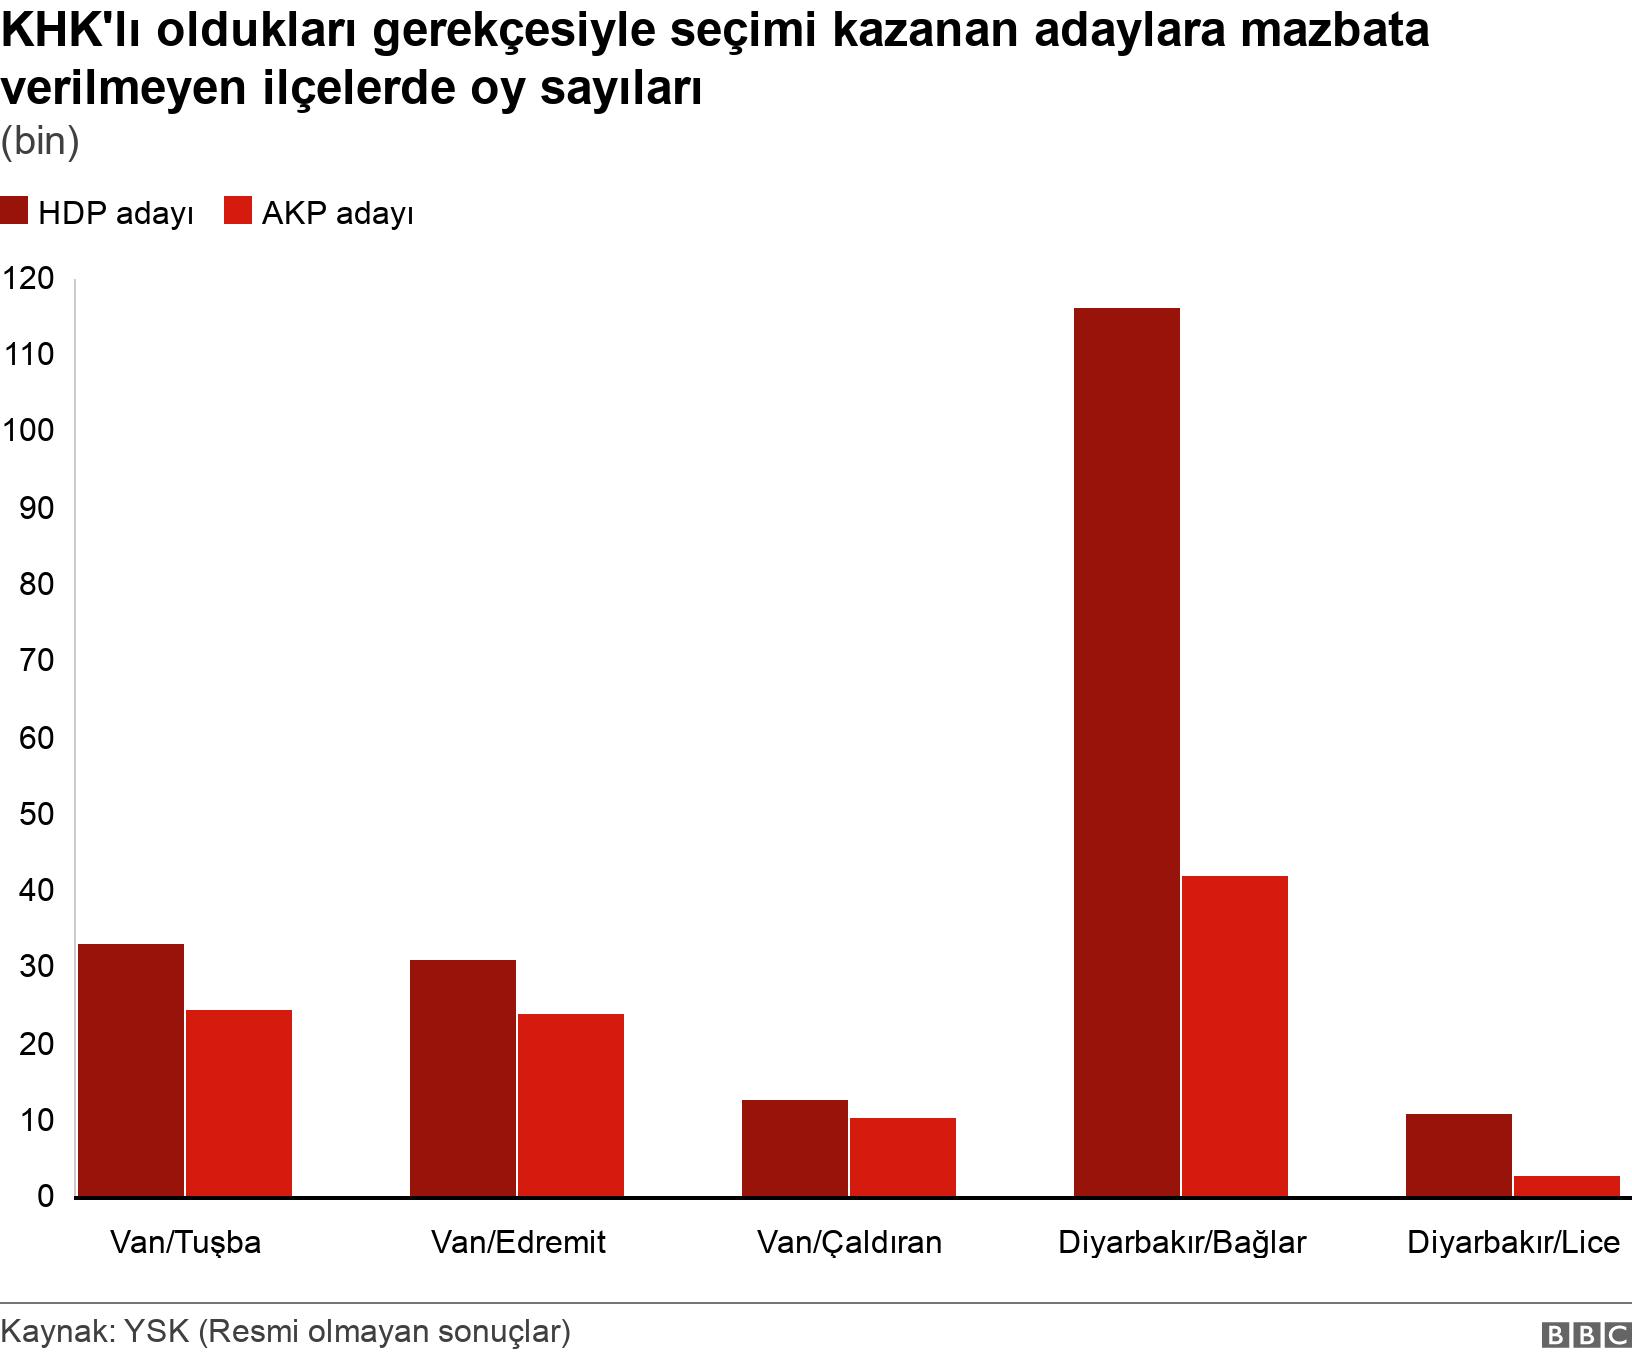 KHK'lı oldukları gerekçesiyle seçimi kazanan adaylara mazbata verilmeyen ilçelerde oy sayıları. (bin).  .